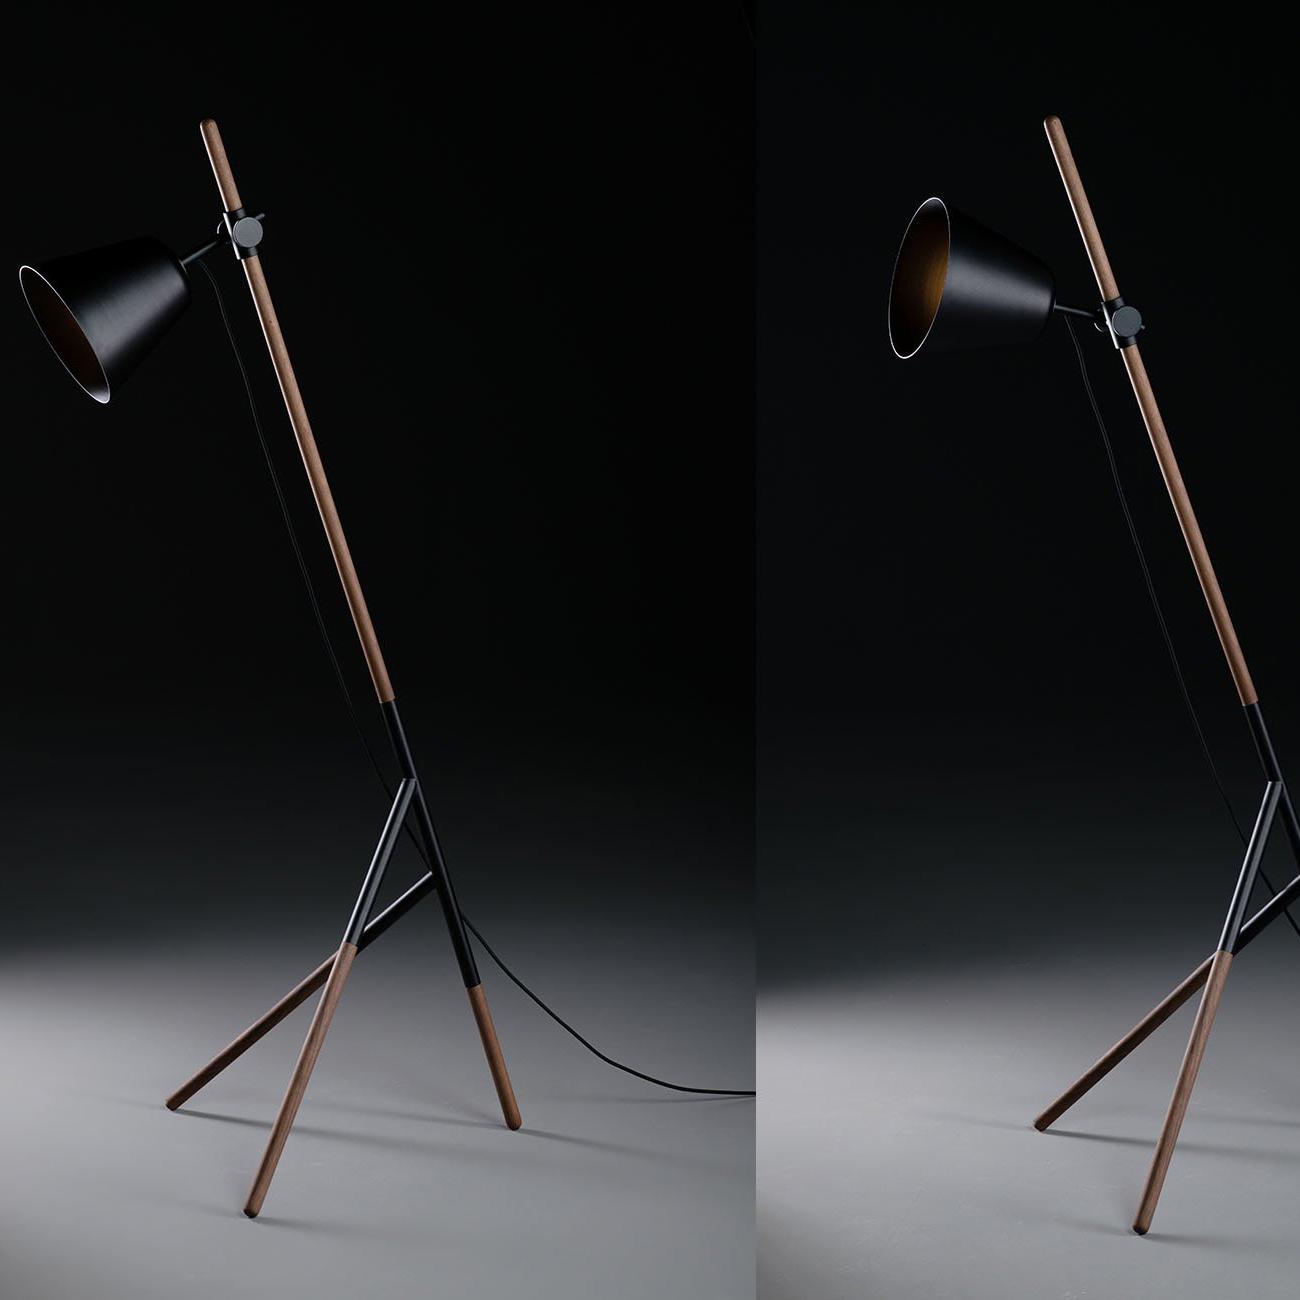 Lampara Insert, en madera maciza y acero pulverizado, de diseño actual y artesano